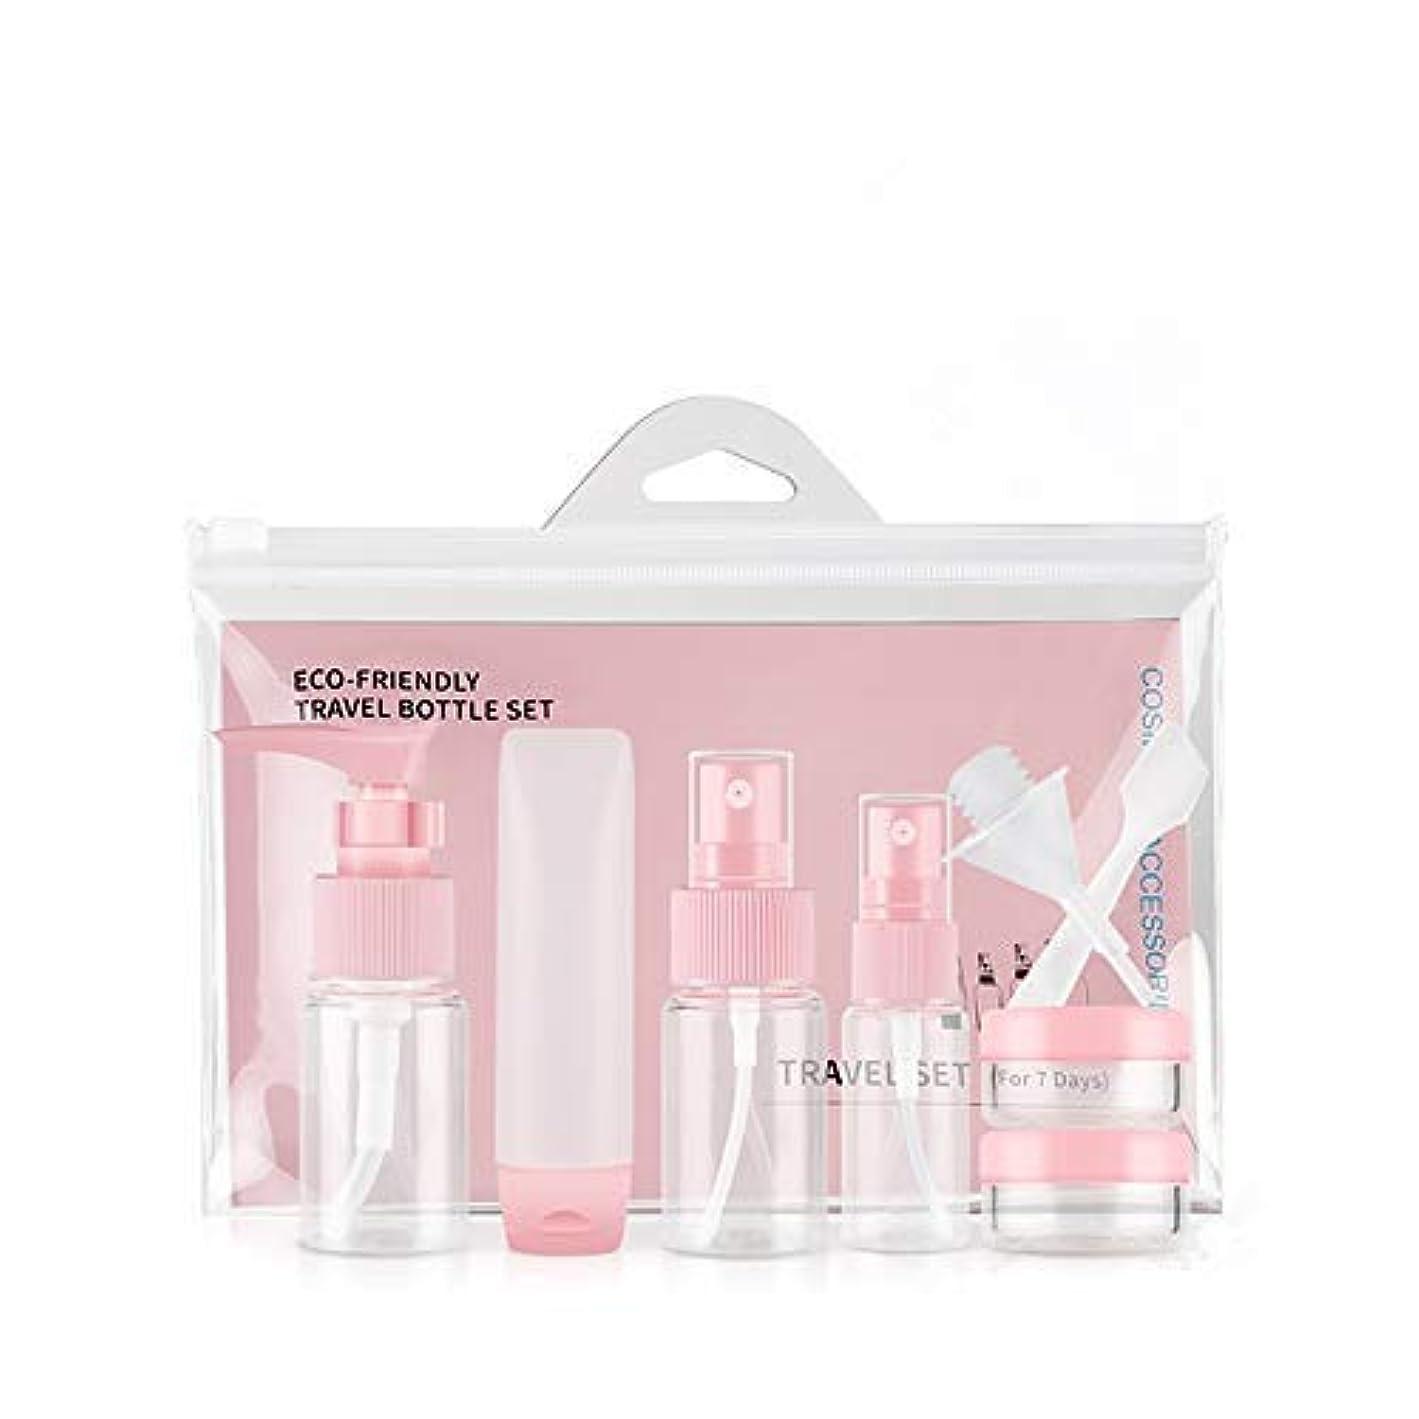 承知しましたゴミ失礼Gerpotaトラベルボトル 化粧小分け容器 プラスチック容器 液体用空ボトル 出張用 旅行用 シャンプーボトル(ピンク)